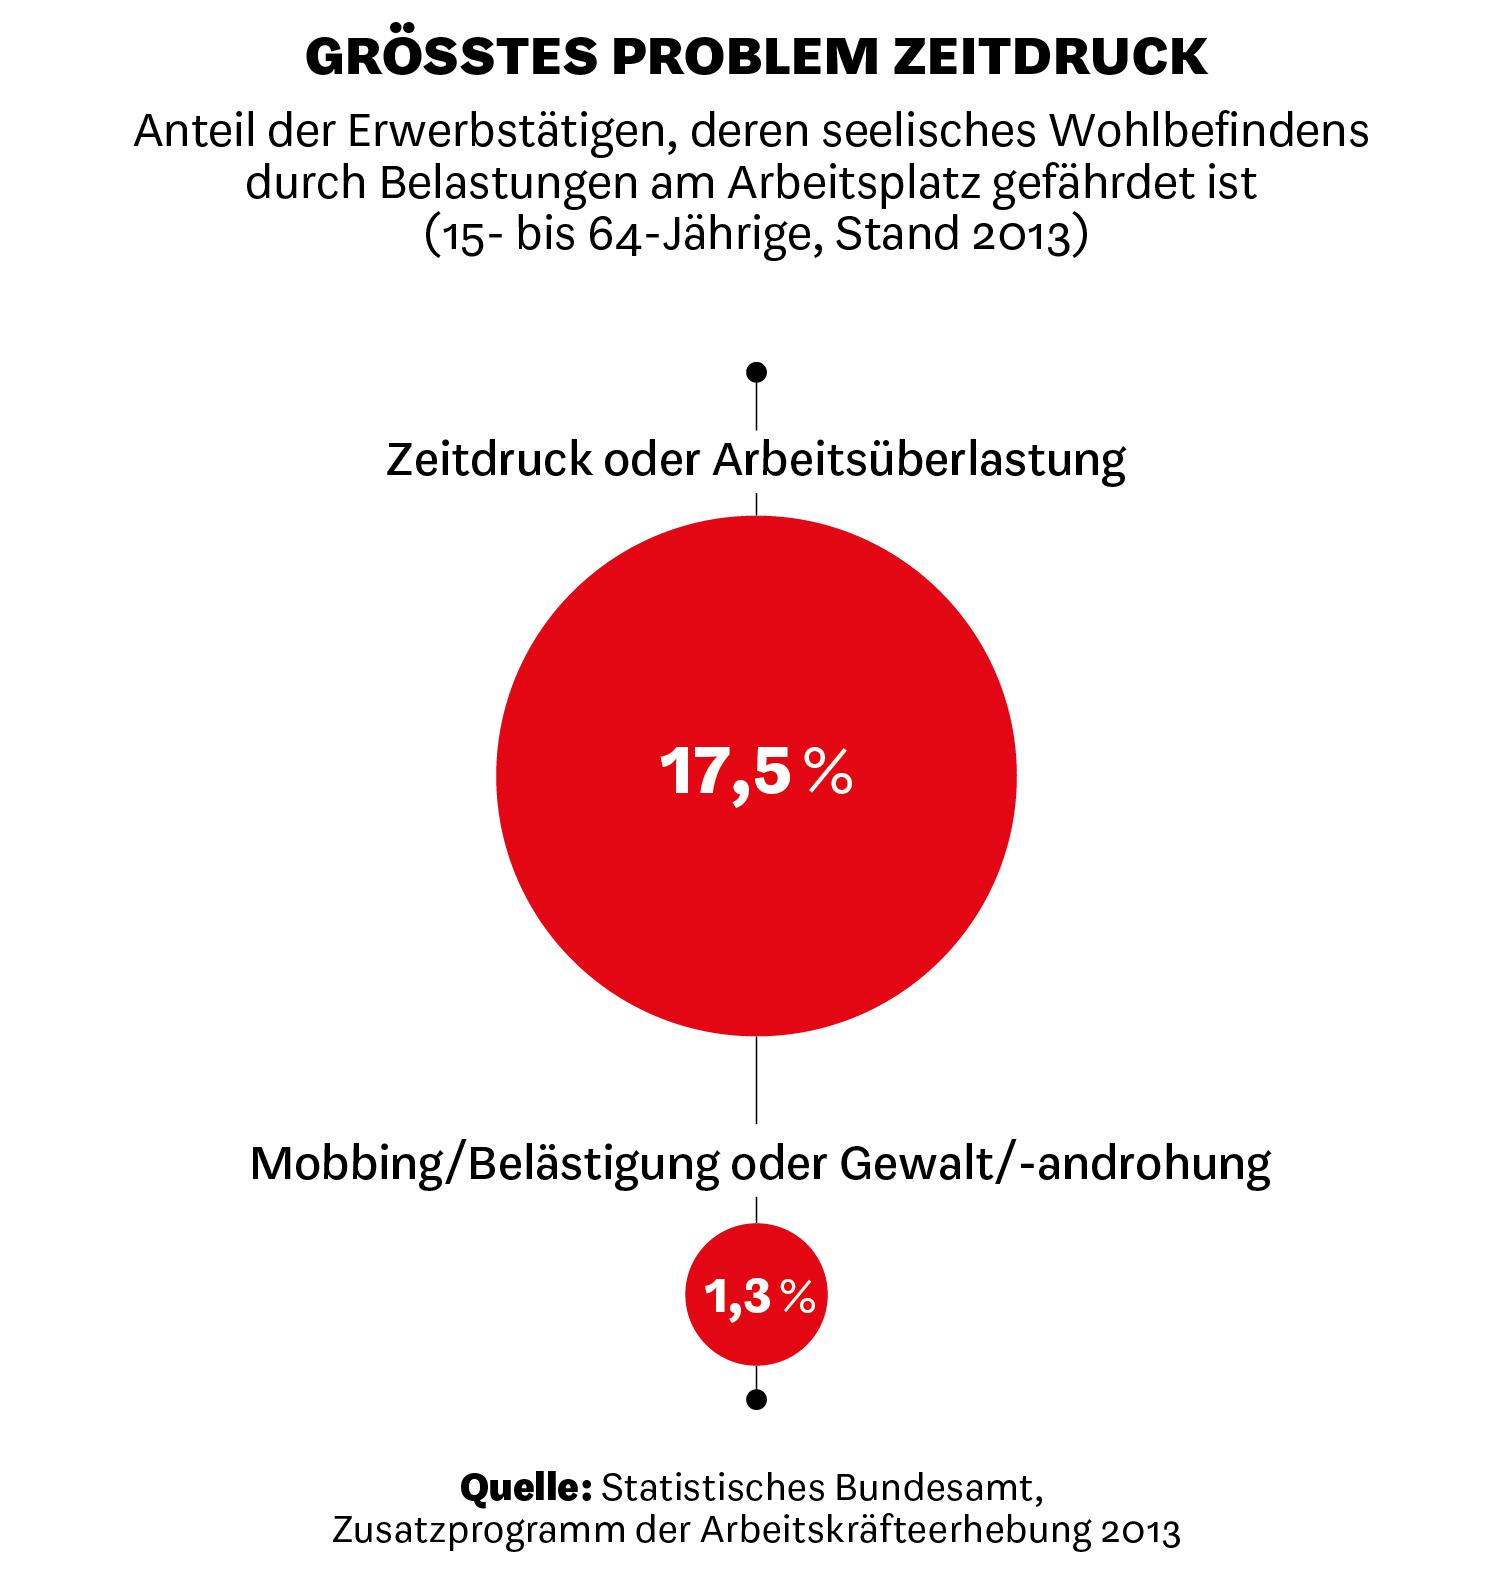 Anteil der Deutschen, die berichten, dass sie Risikofaktoren für ihr psychisches Wohlbefinden ausgesetzt waren